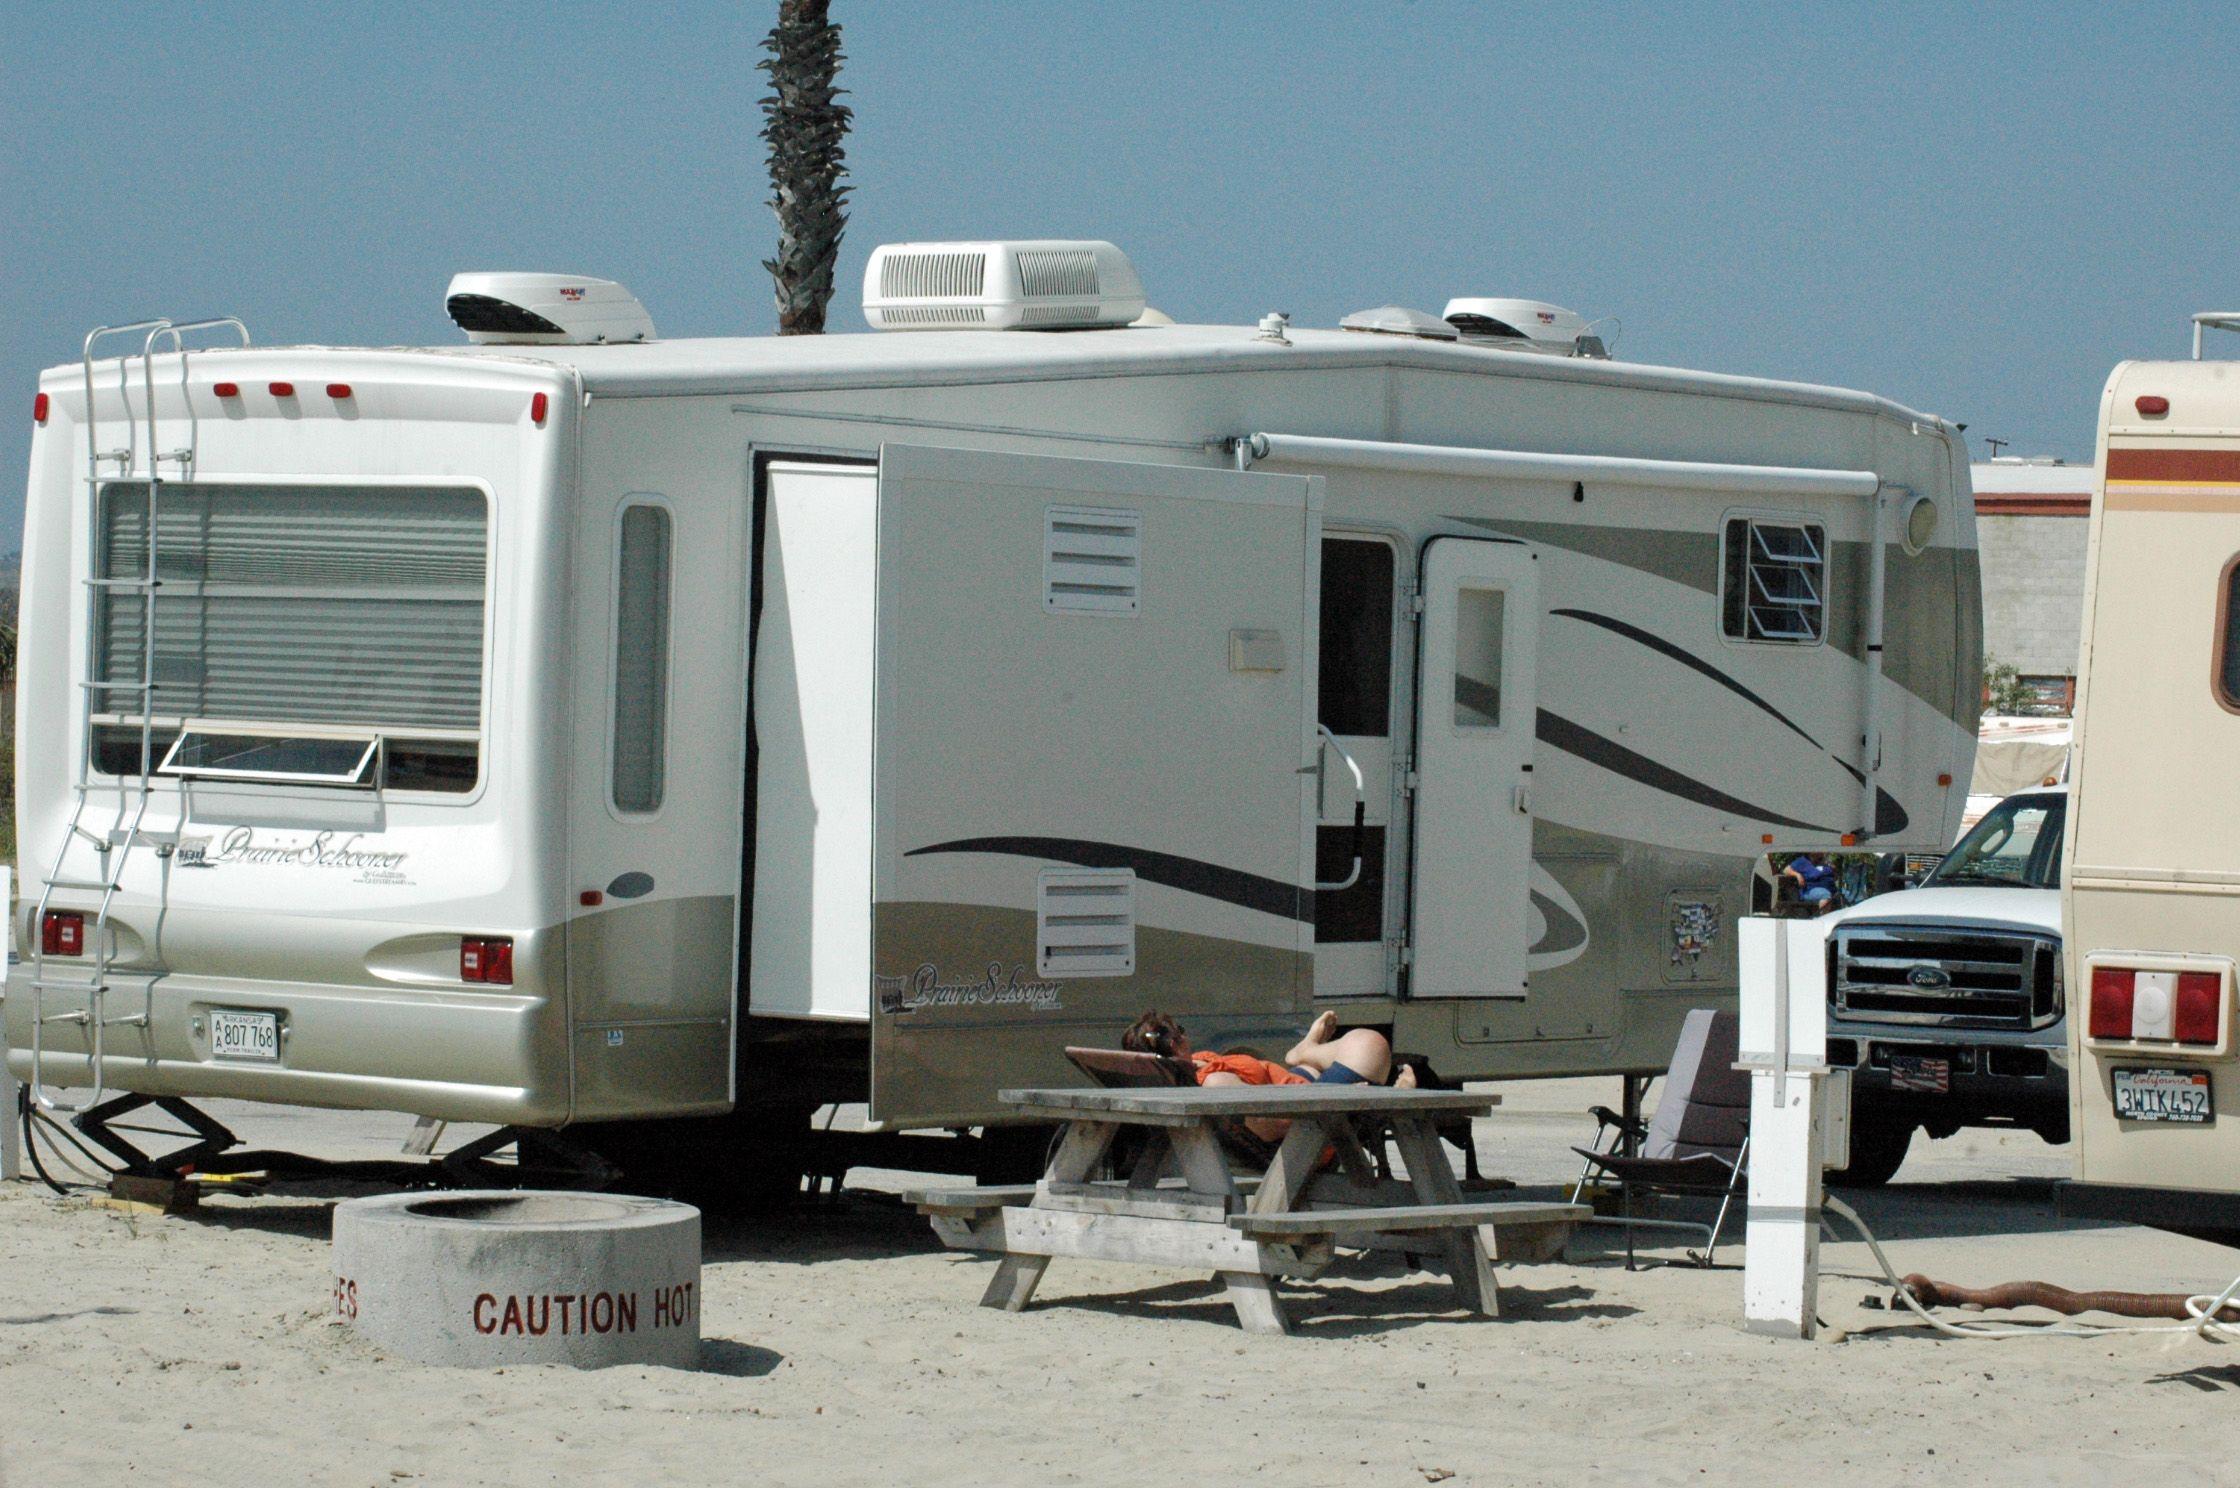 Del Mar Beach Resort, Camp Pendleton, Oceanside, CA